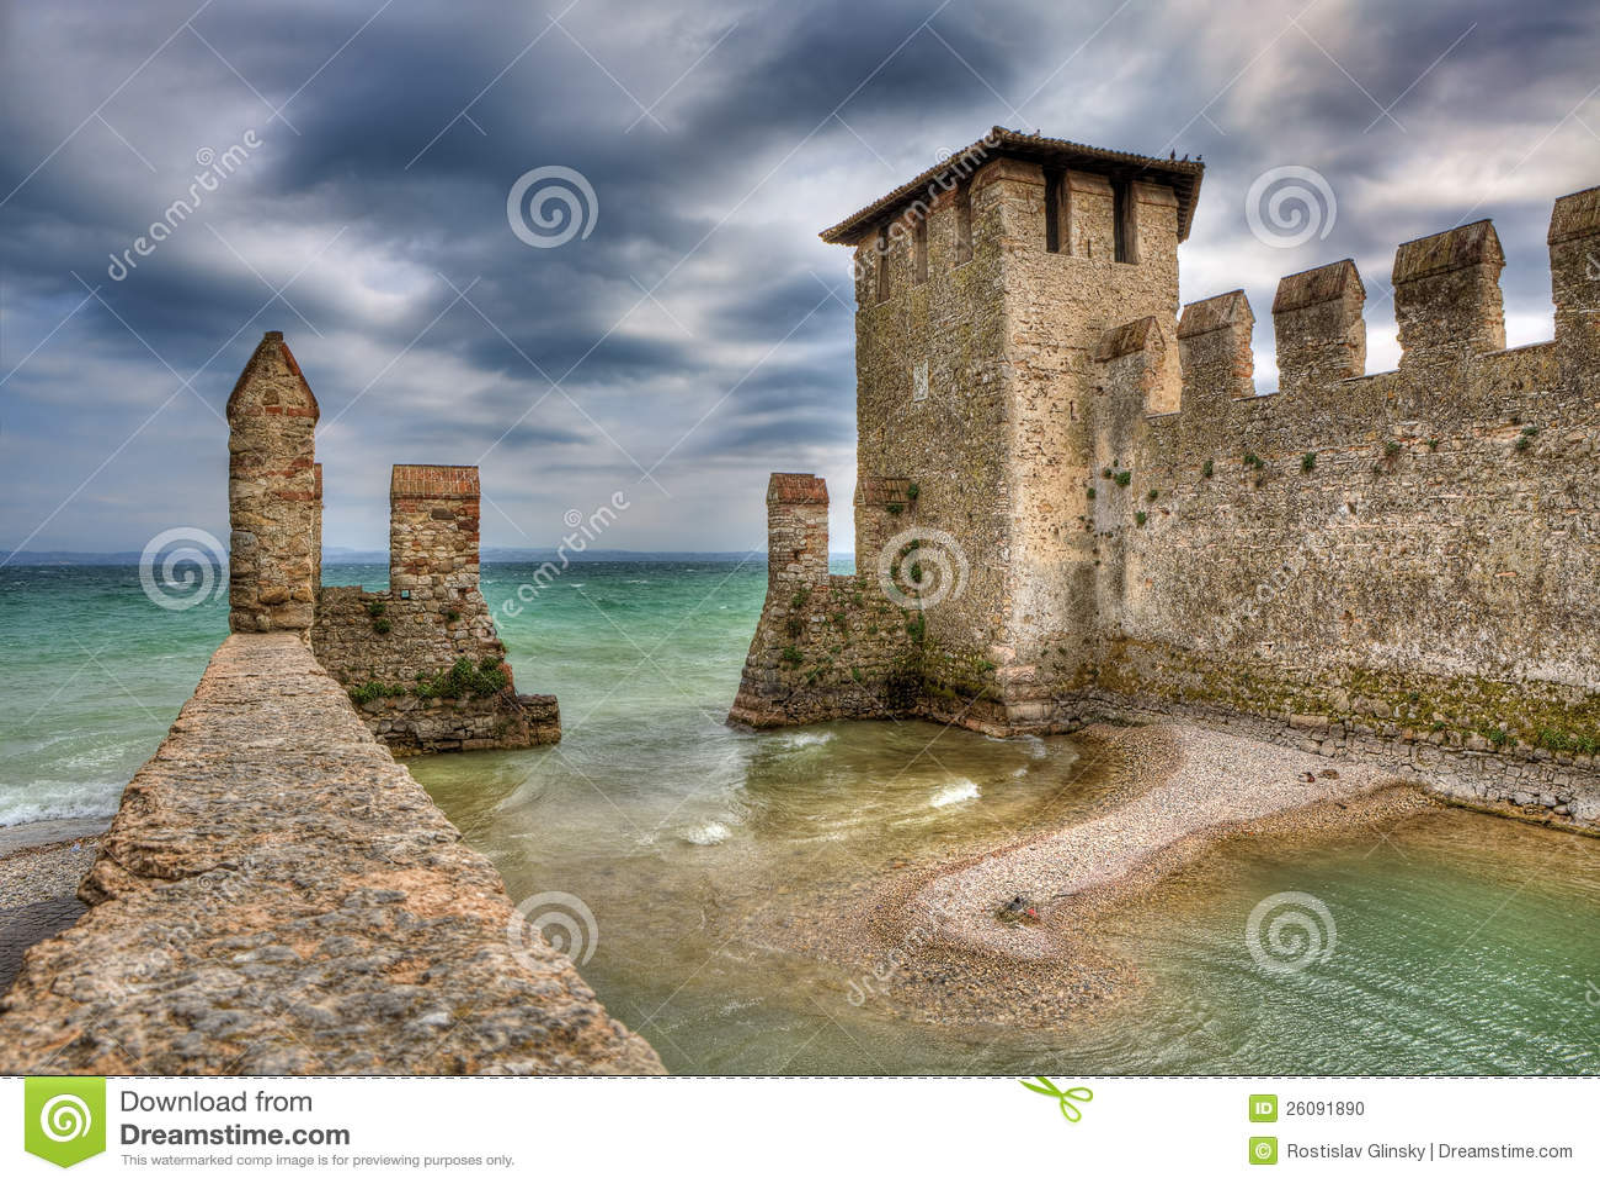 Castillo de Sirmione, Italia.